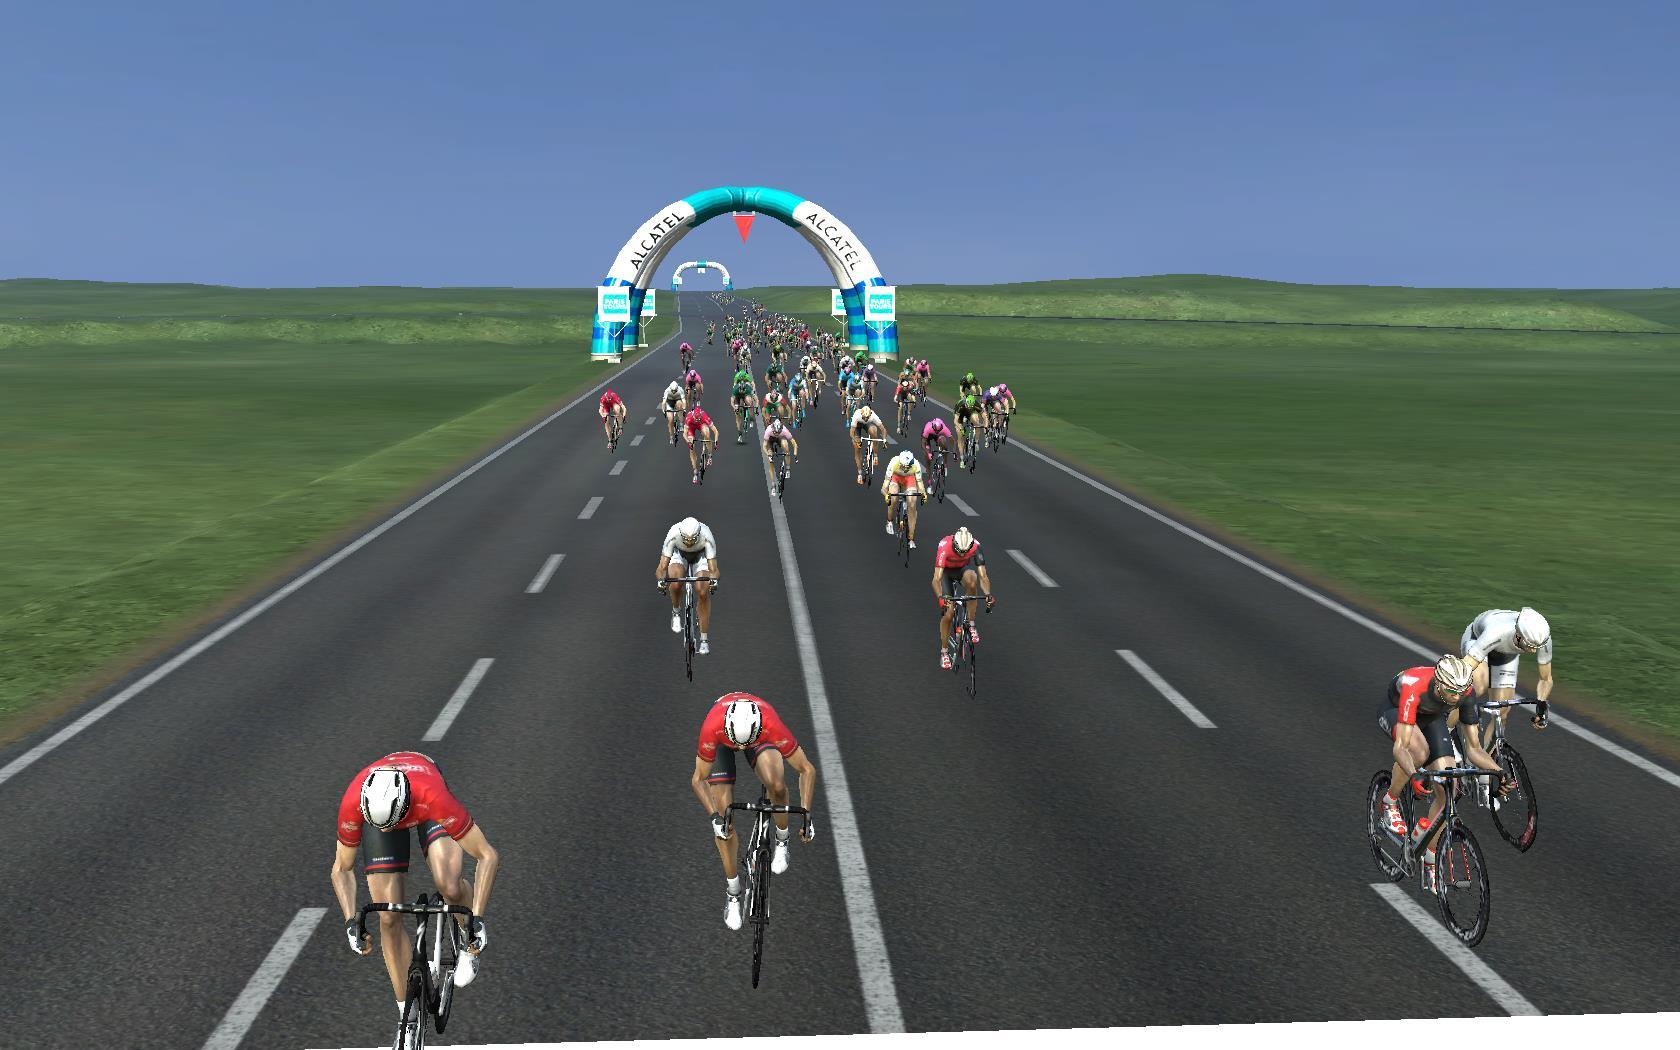 pcmdaily.com/images/mg/2018/Races/C2HC/ParisTours/PCM0025.jpg